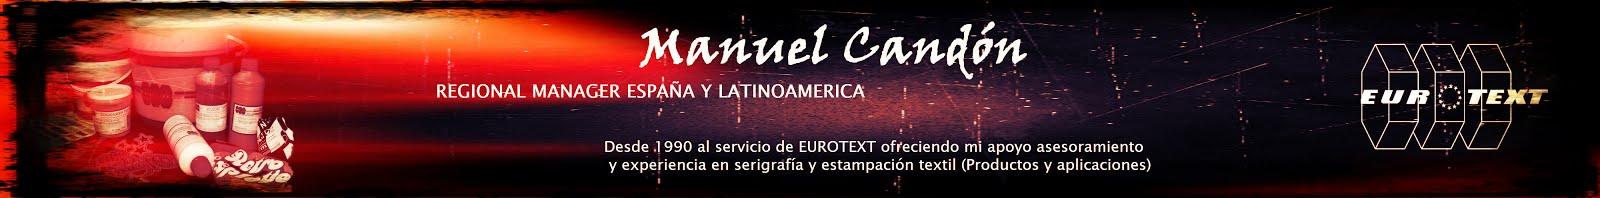 MANUEL CANDON  - Regional Manager España y Latinoamerica - Departamento comercial y exportaciones